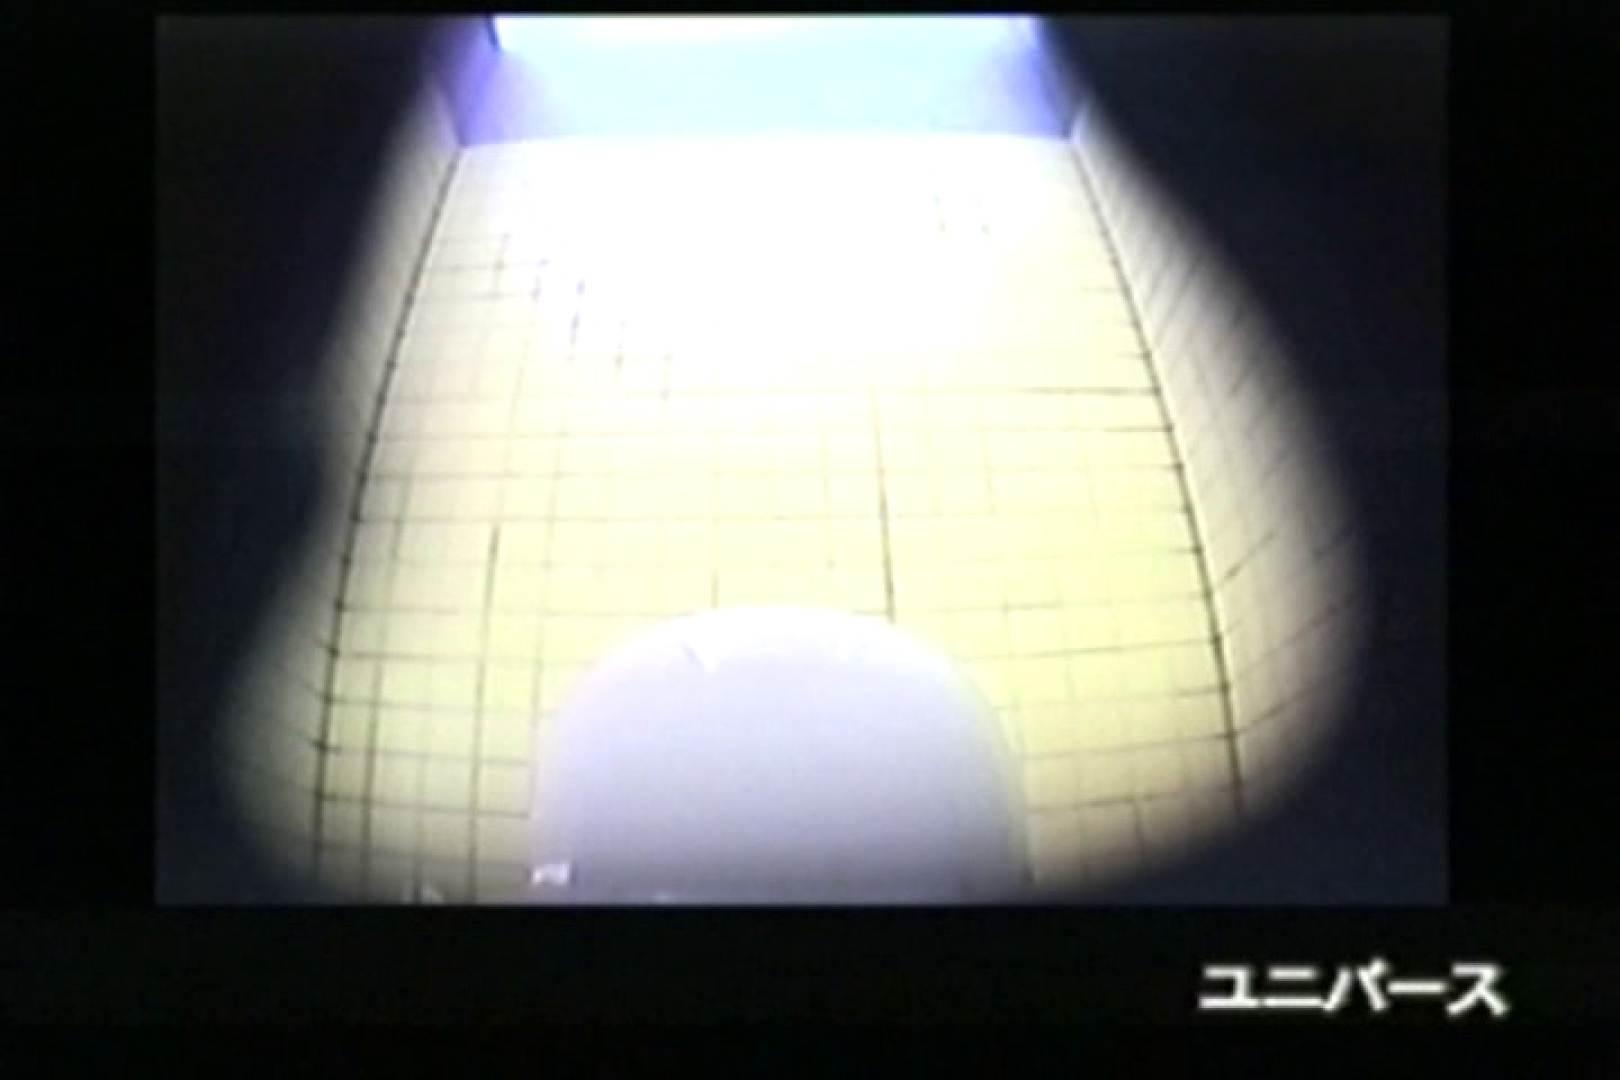 下半身シースルー洗面所Vol.4 OLヌード天国 | ギャル  91PIX 25